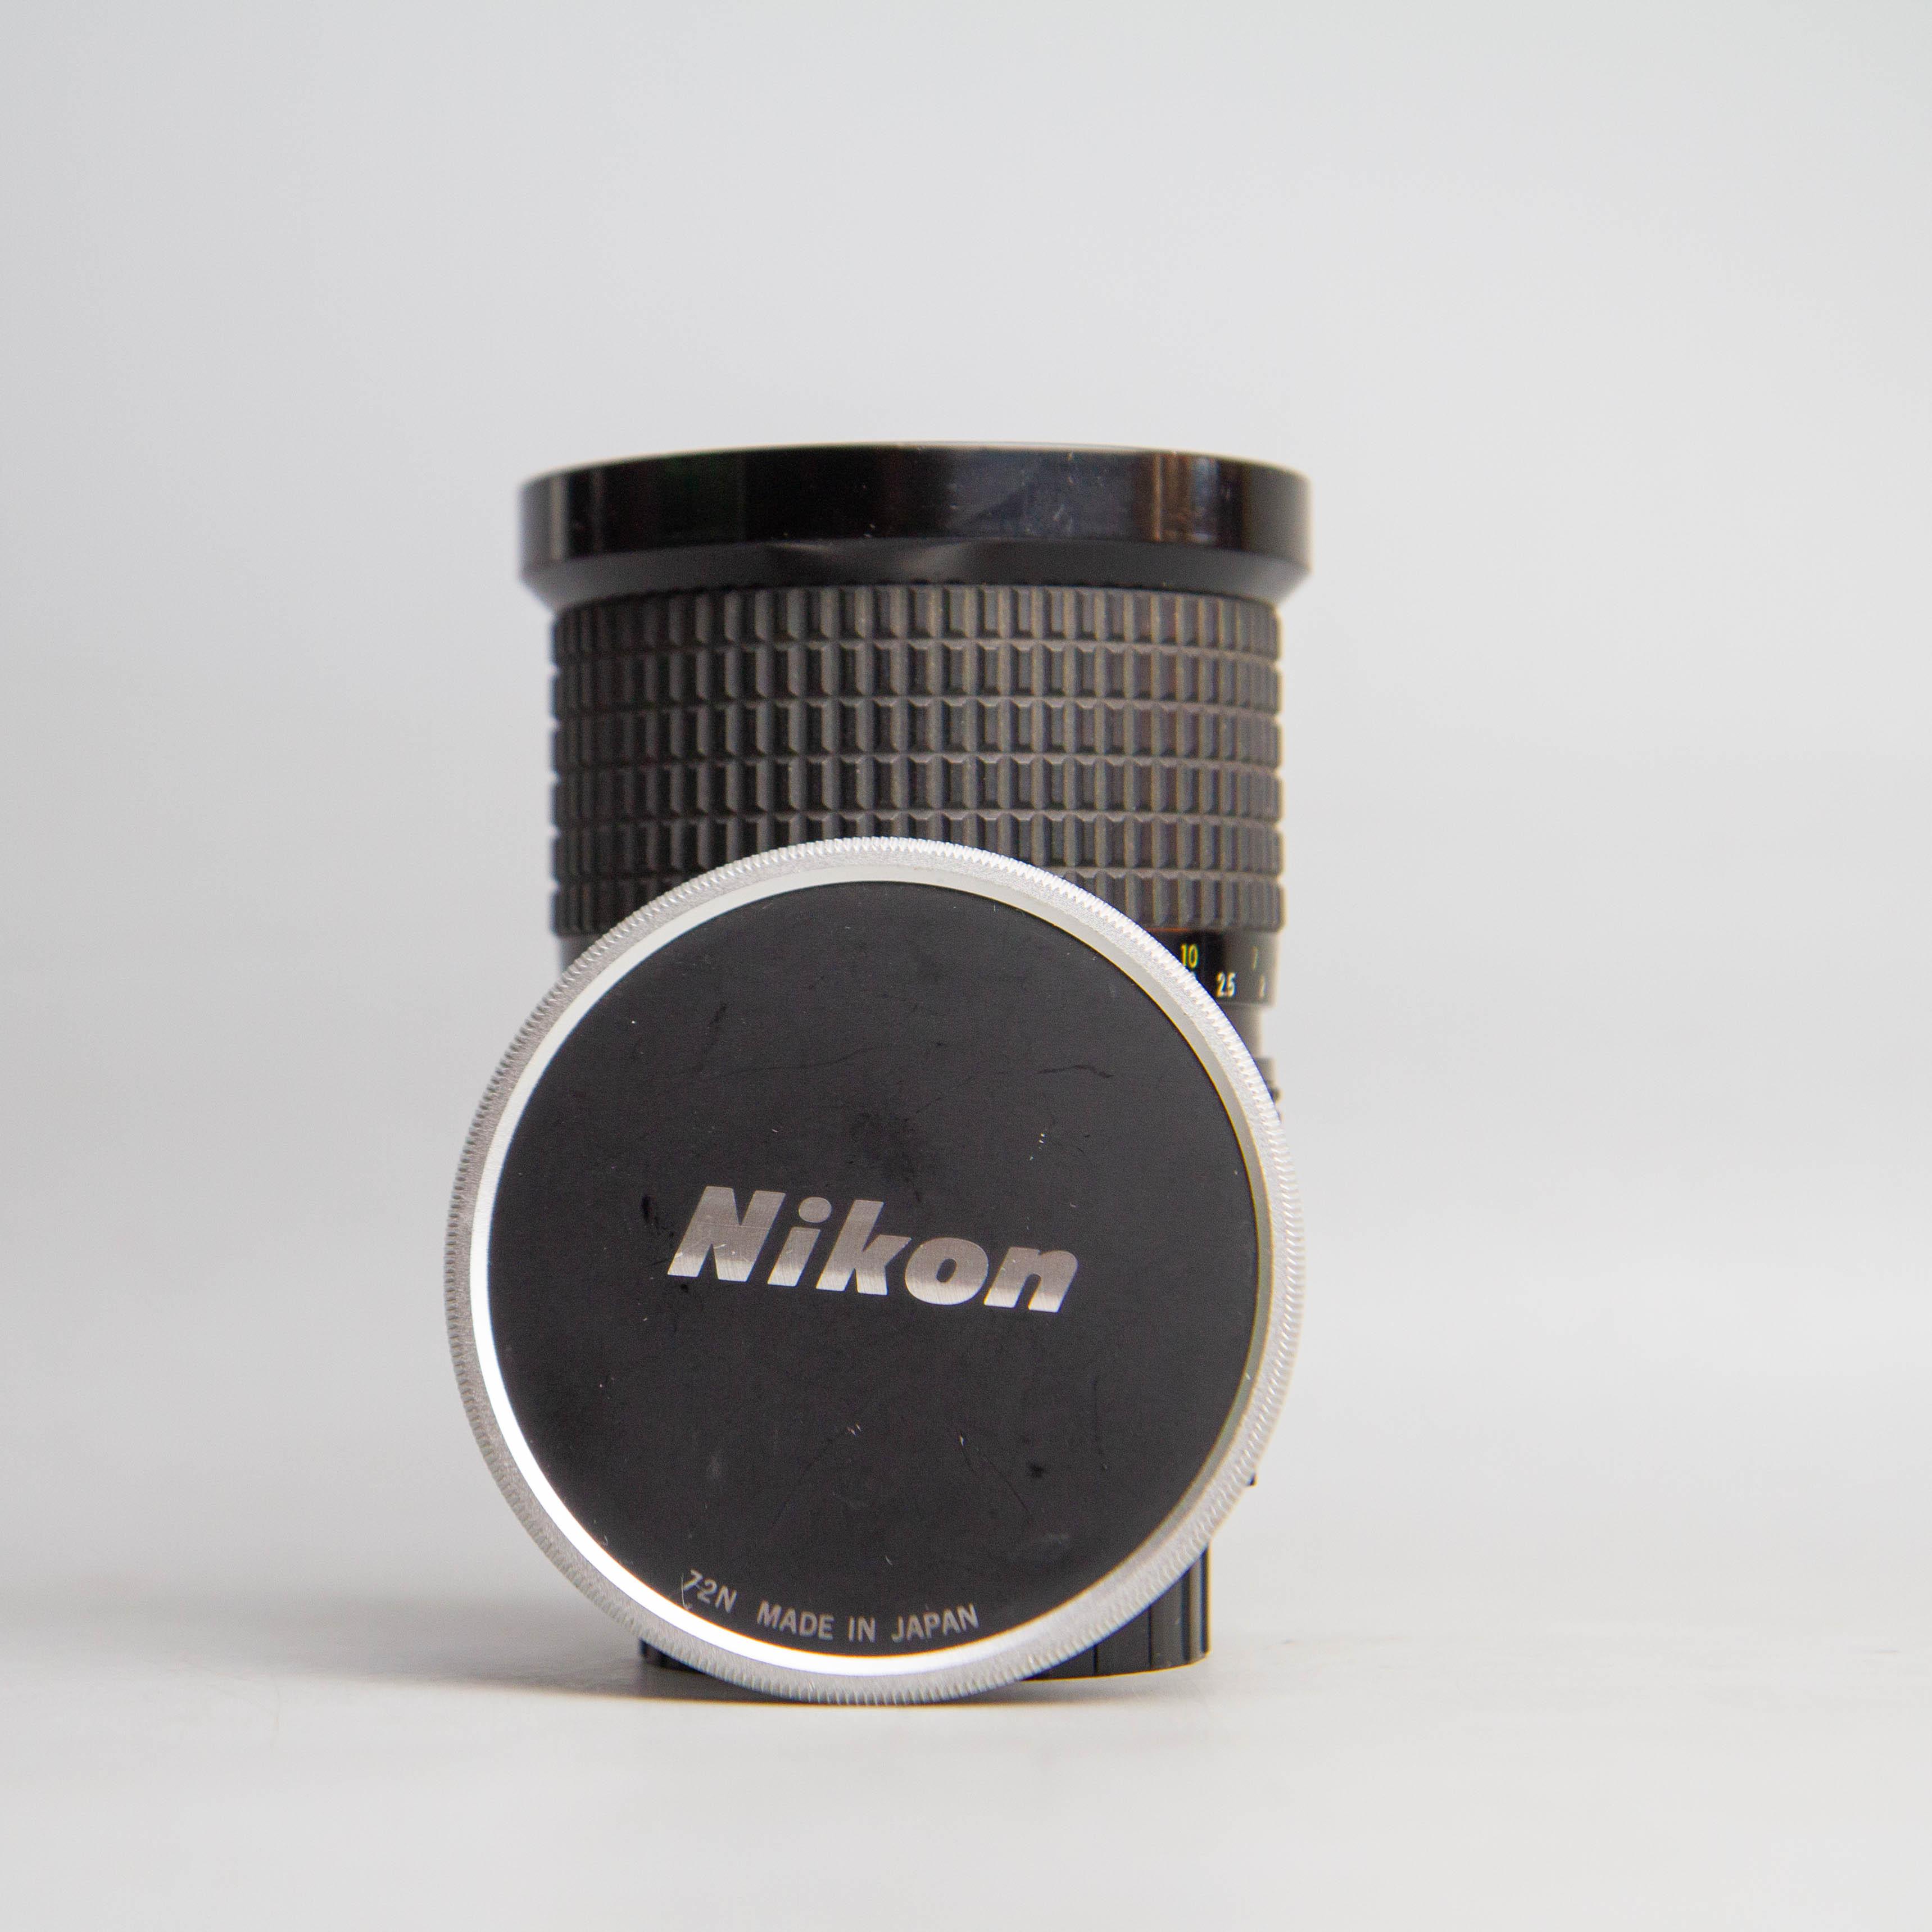 nikon-35-70mm-f3-5-ai-35-70-3-5-17370